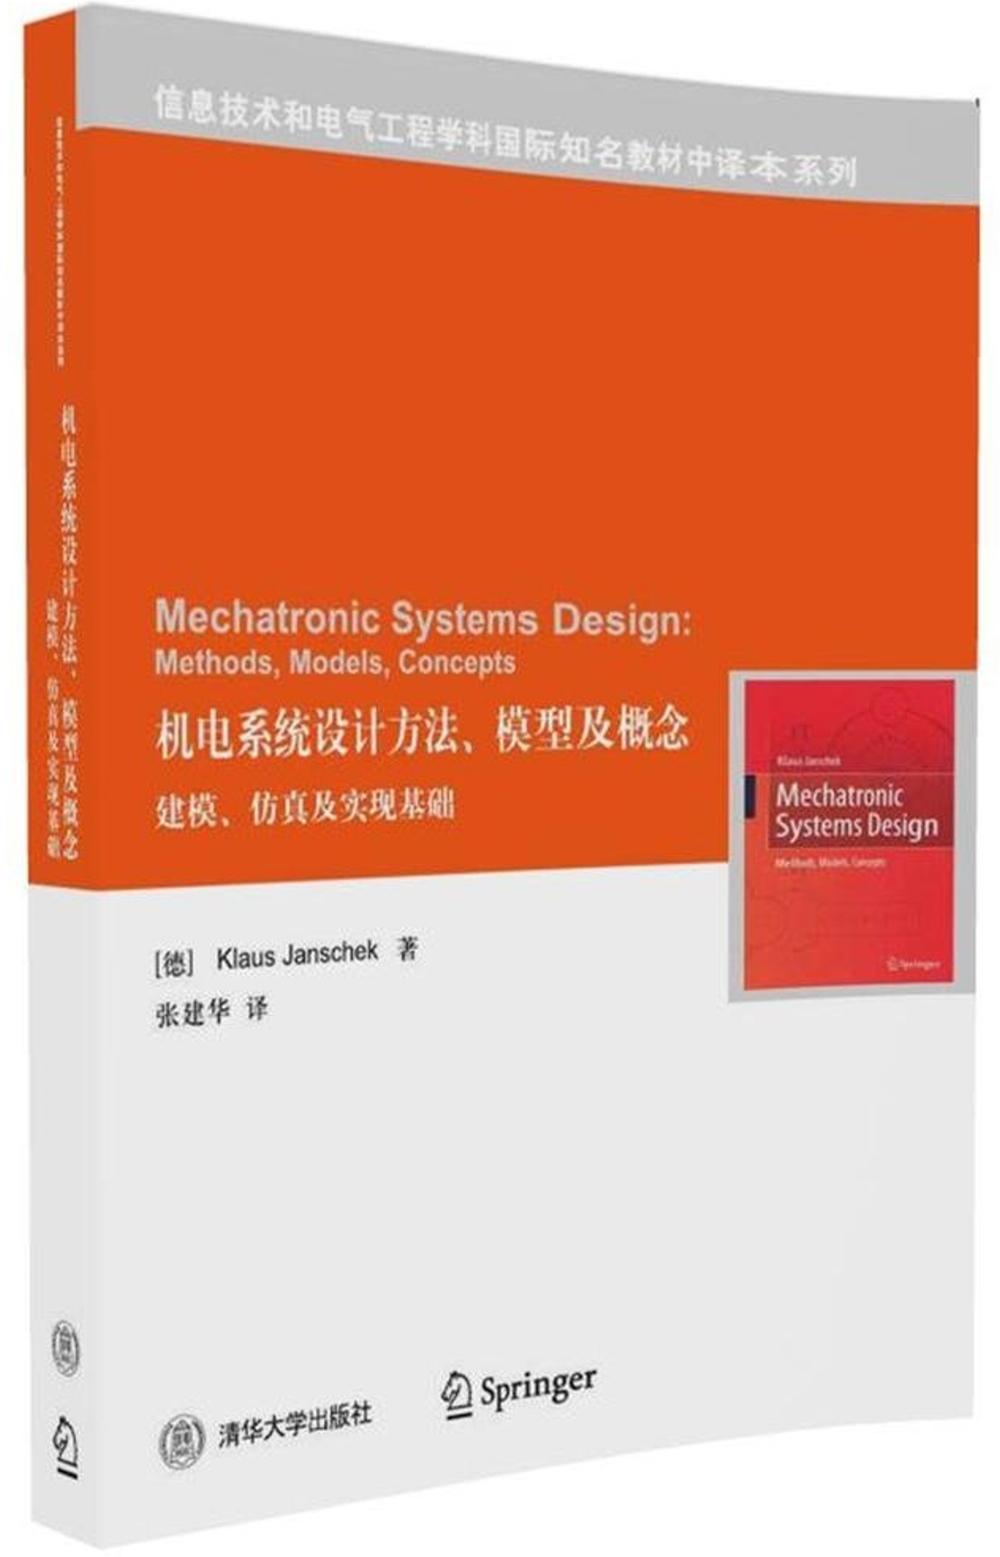 機電系統設計方法、模型及概念:建模、仿真及實現基礎